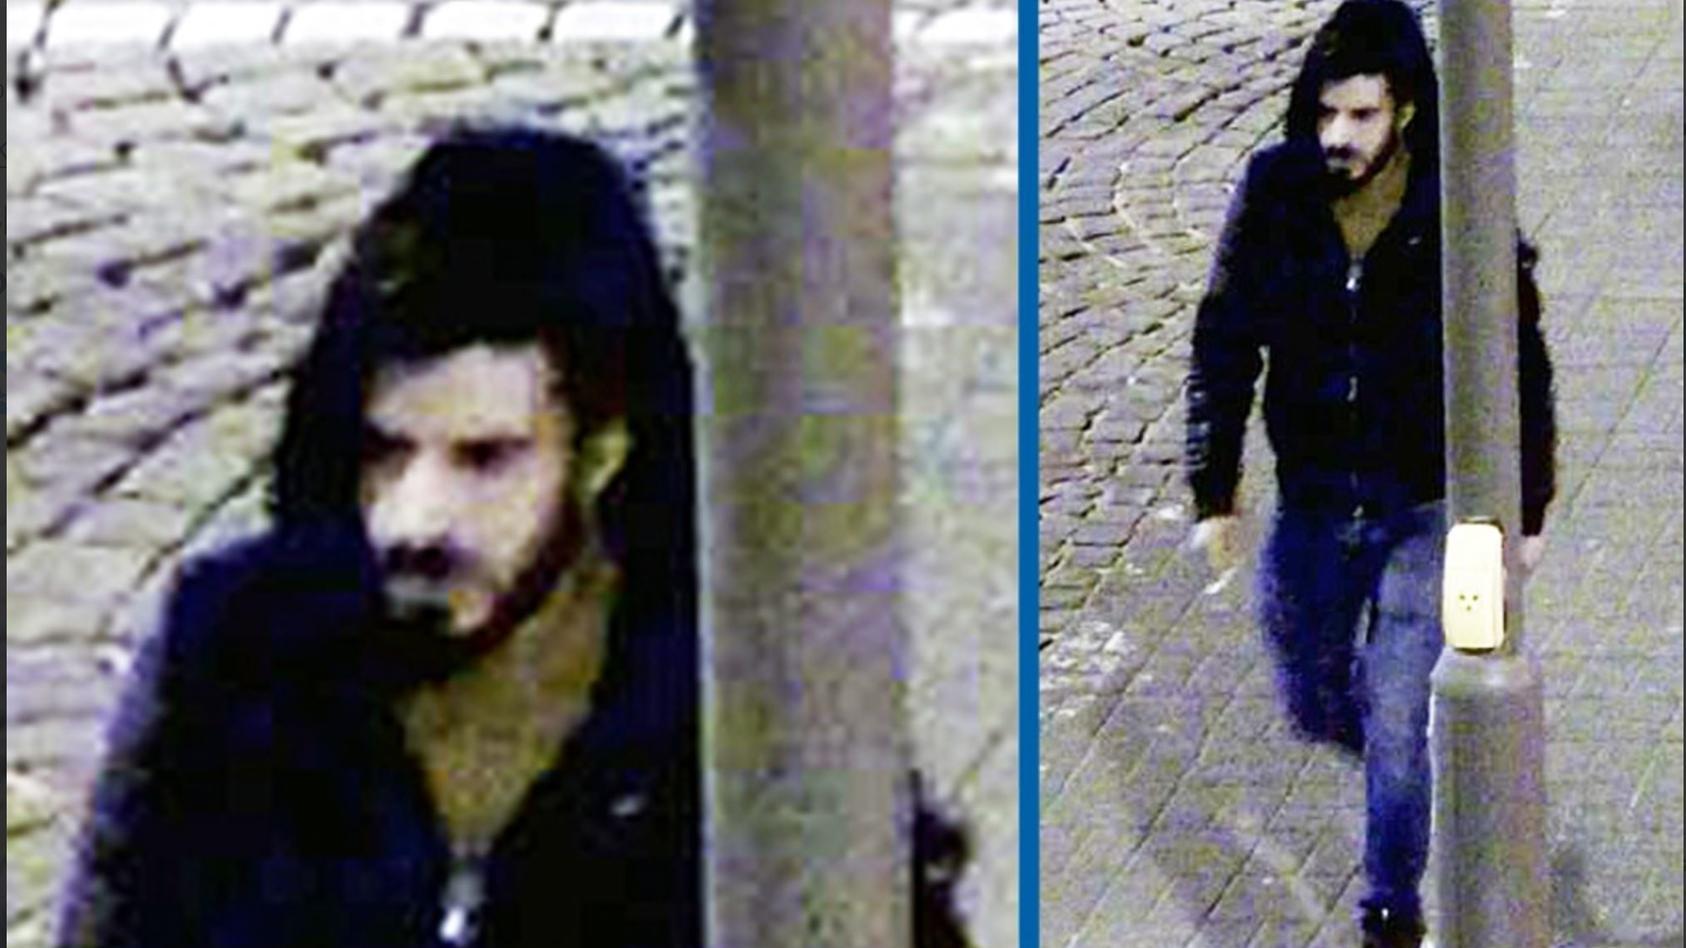 Die Kölner Polizei fahndet mit diesem Bild nach einem mutmaßlichen Sexualstraftäter.